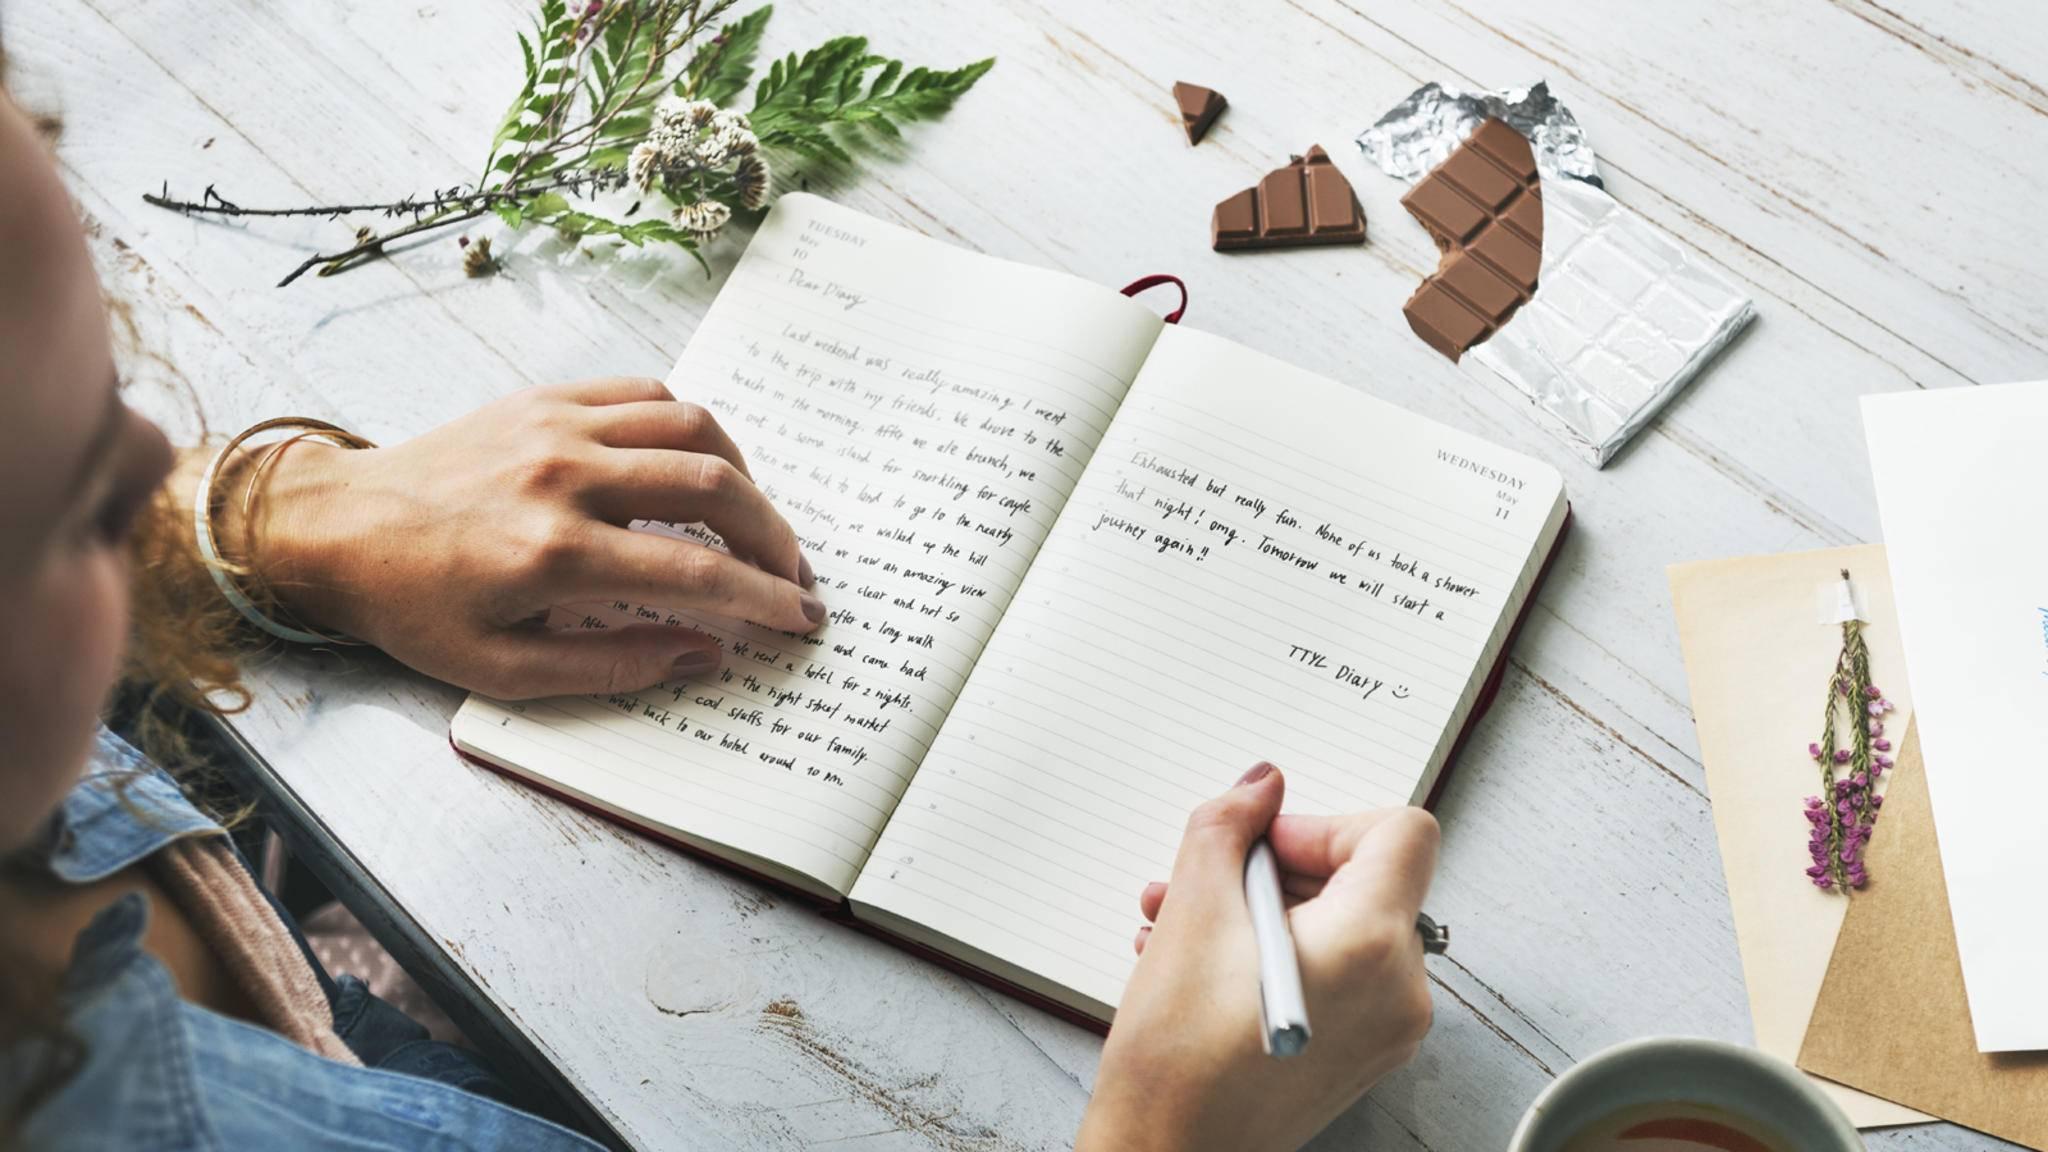 Mehr als ein Tagebuch: Die App Stoic will Dir zu einer besseren Selbstwahrnehmung verhelfen.